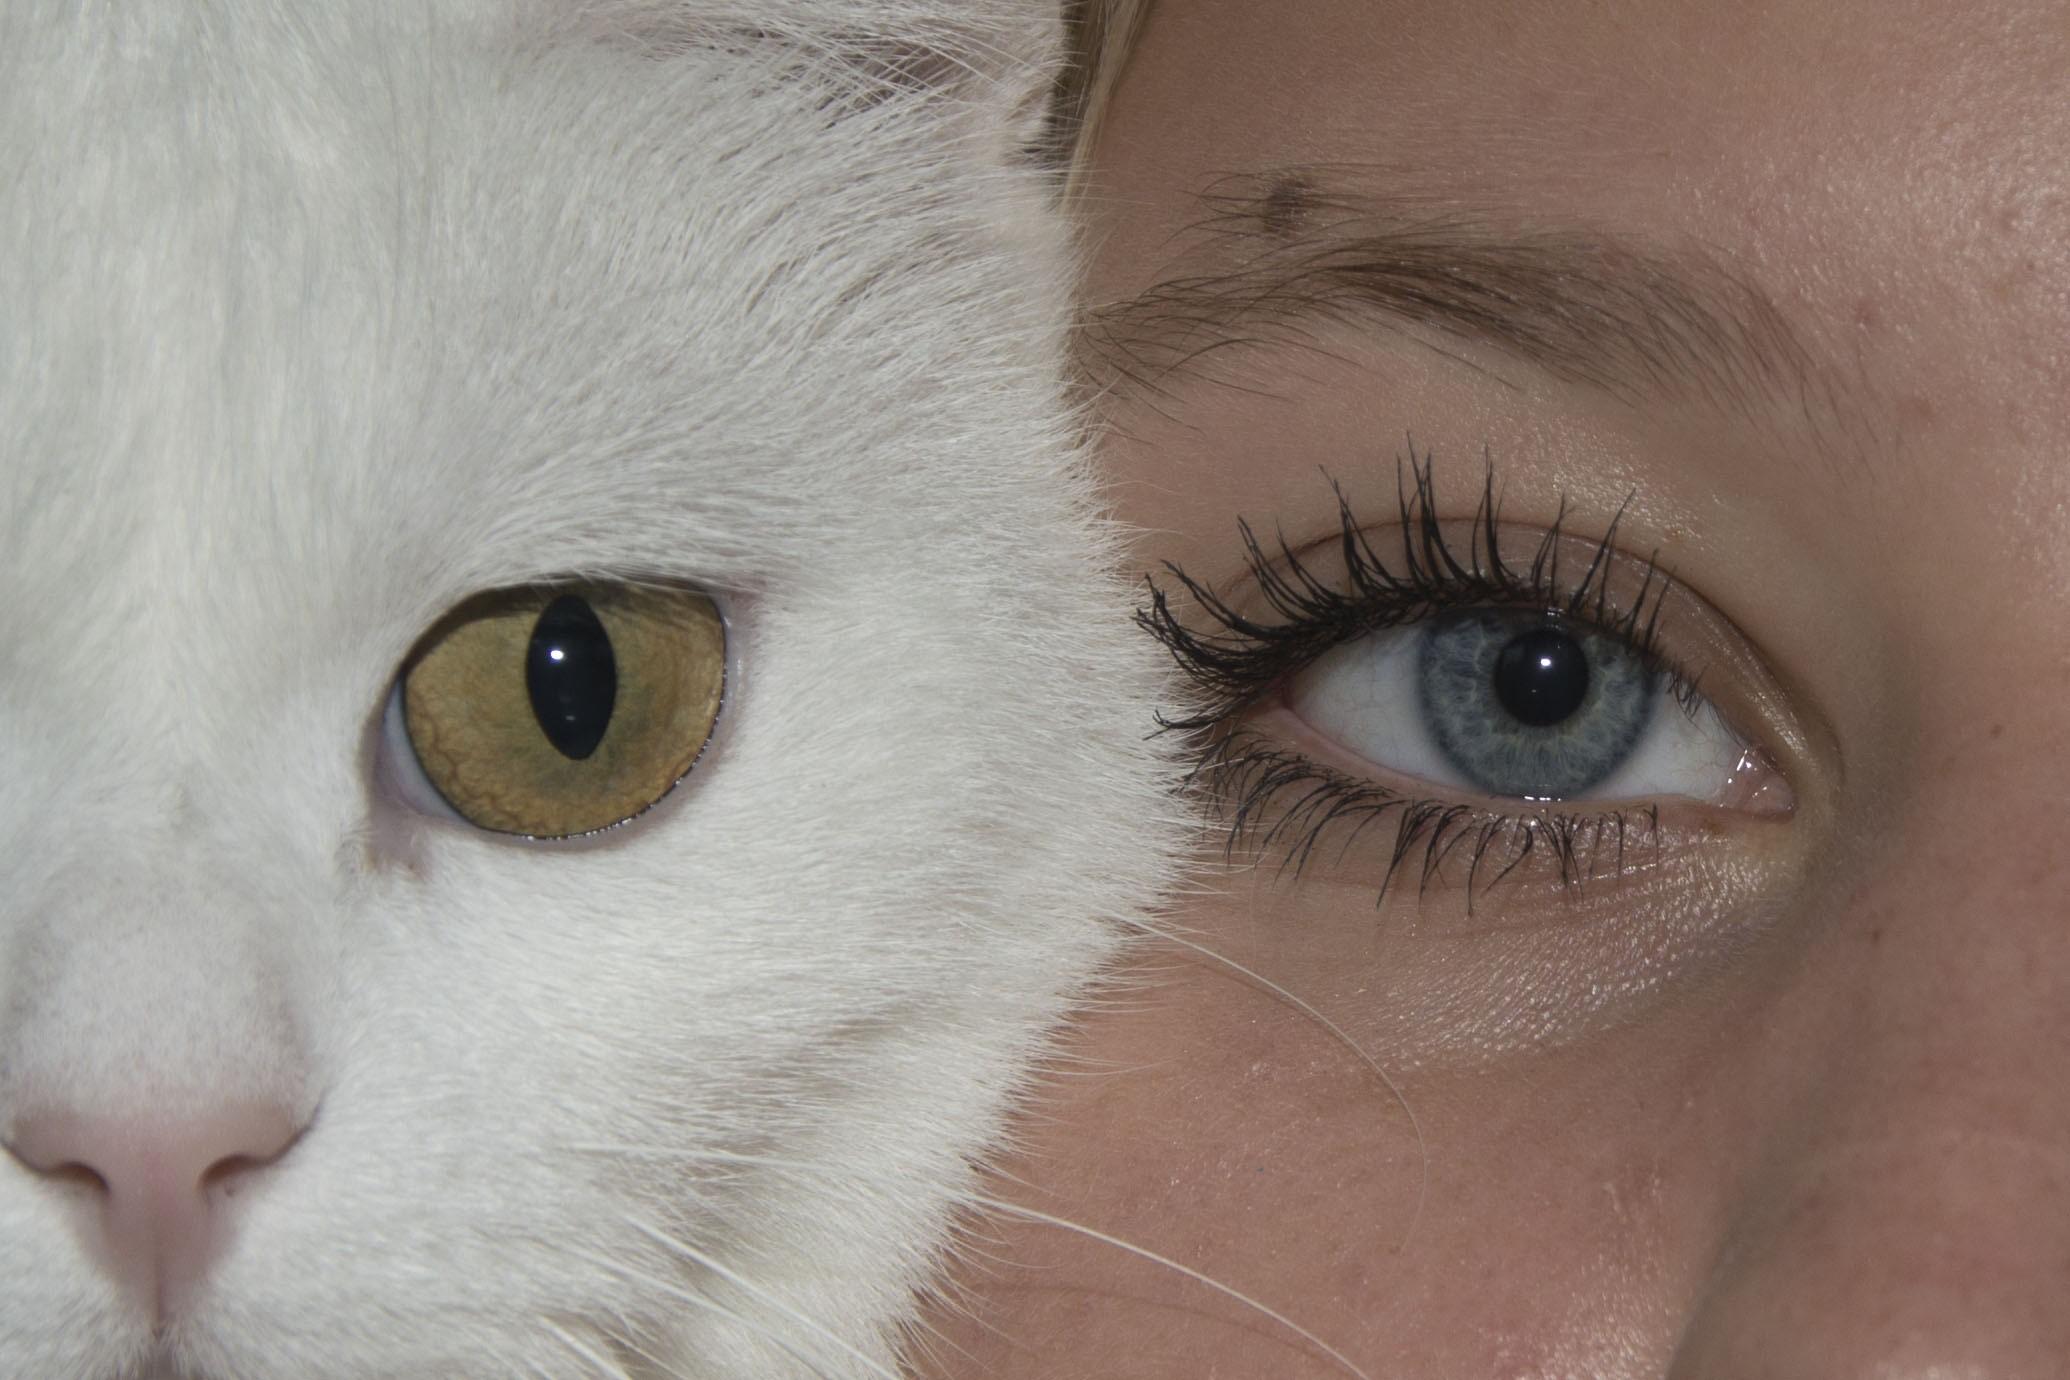 animal-eye-reflection-color-of-animal-eye-reflection-color Animal Eye Reflection Color Animal